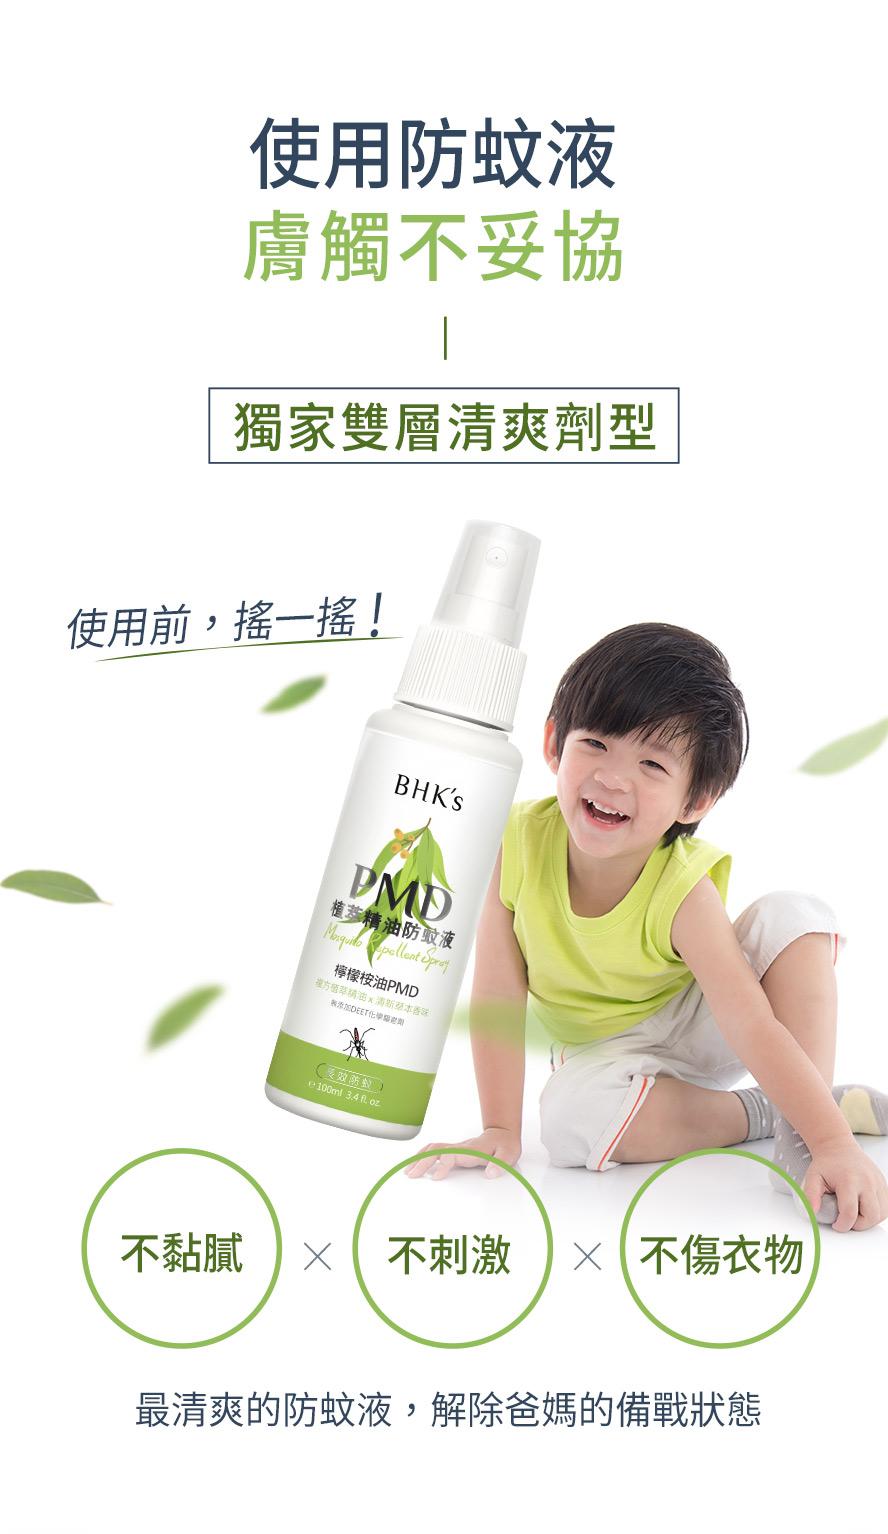 不黏膩、清爽防蚊液推薦,BHK防蚊液,不添加乳化劑,降低對肌膚的黏膩感與刺激性,比防蚊貼片、防蚊手環更有效。